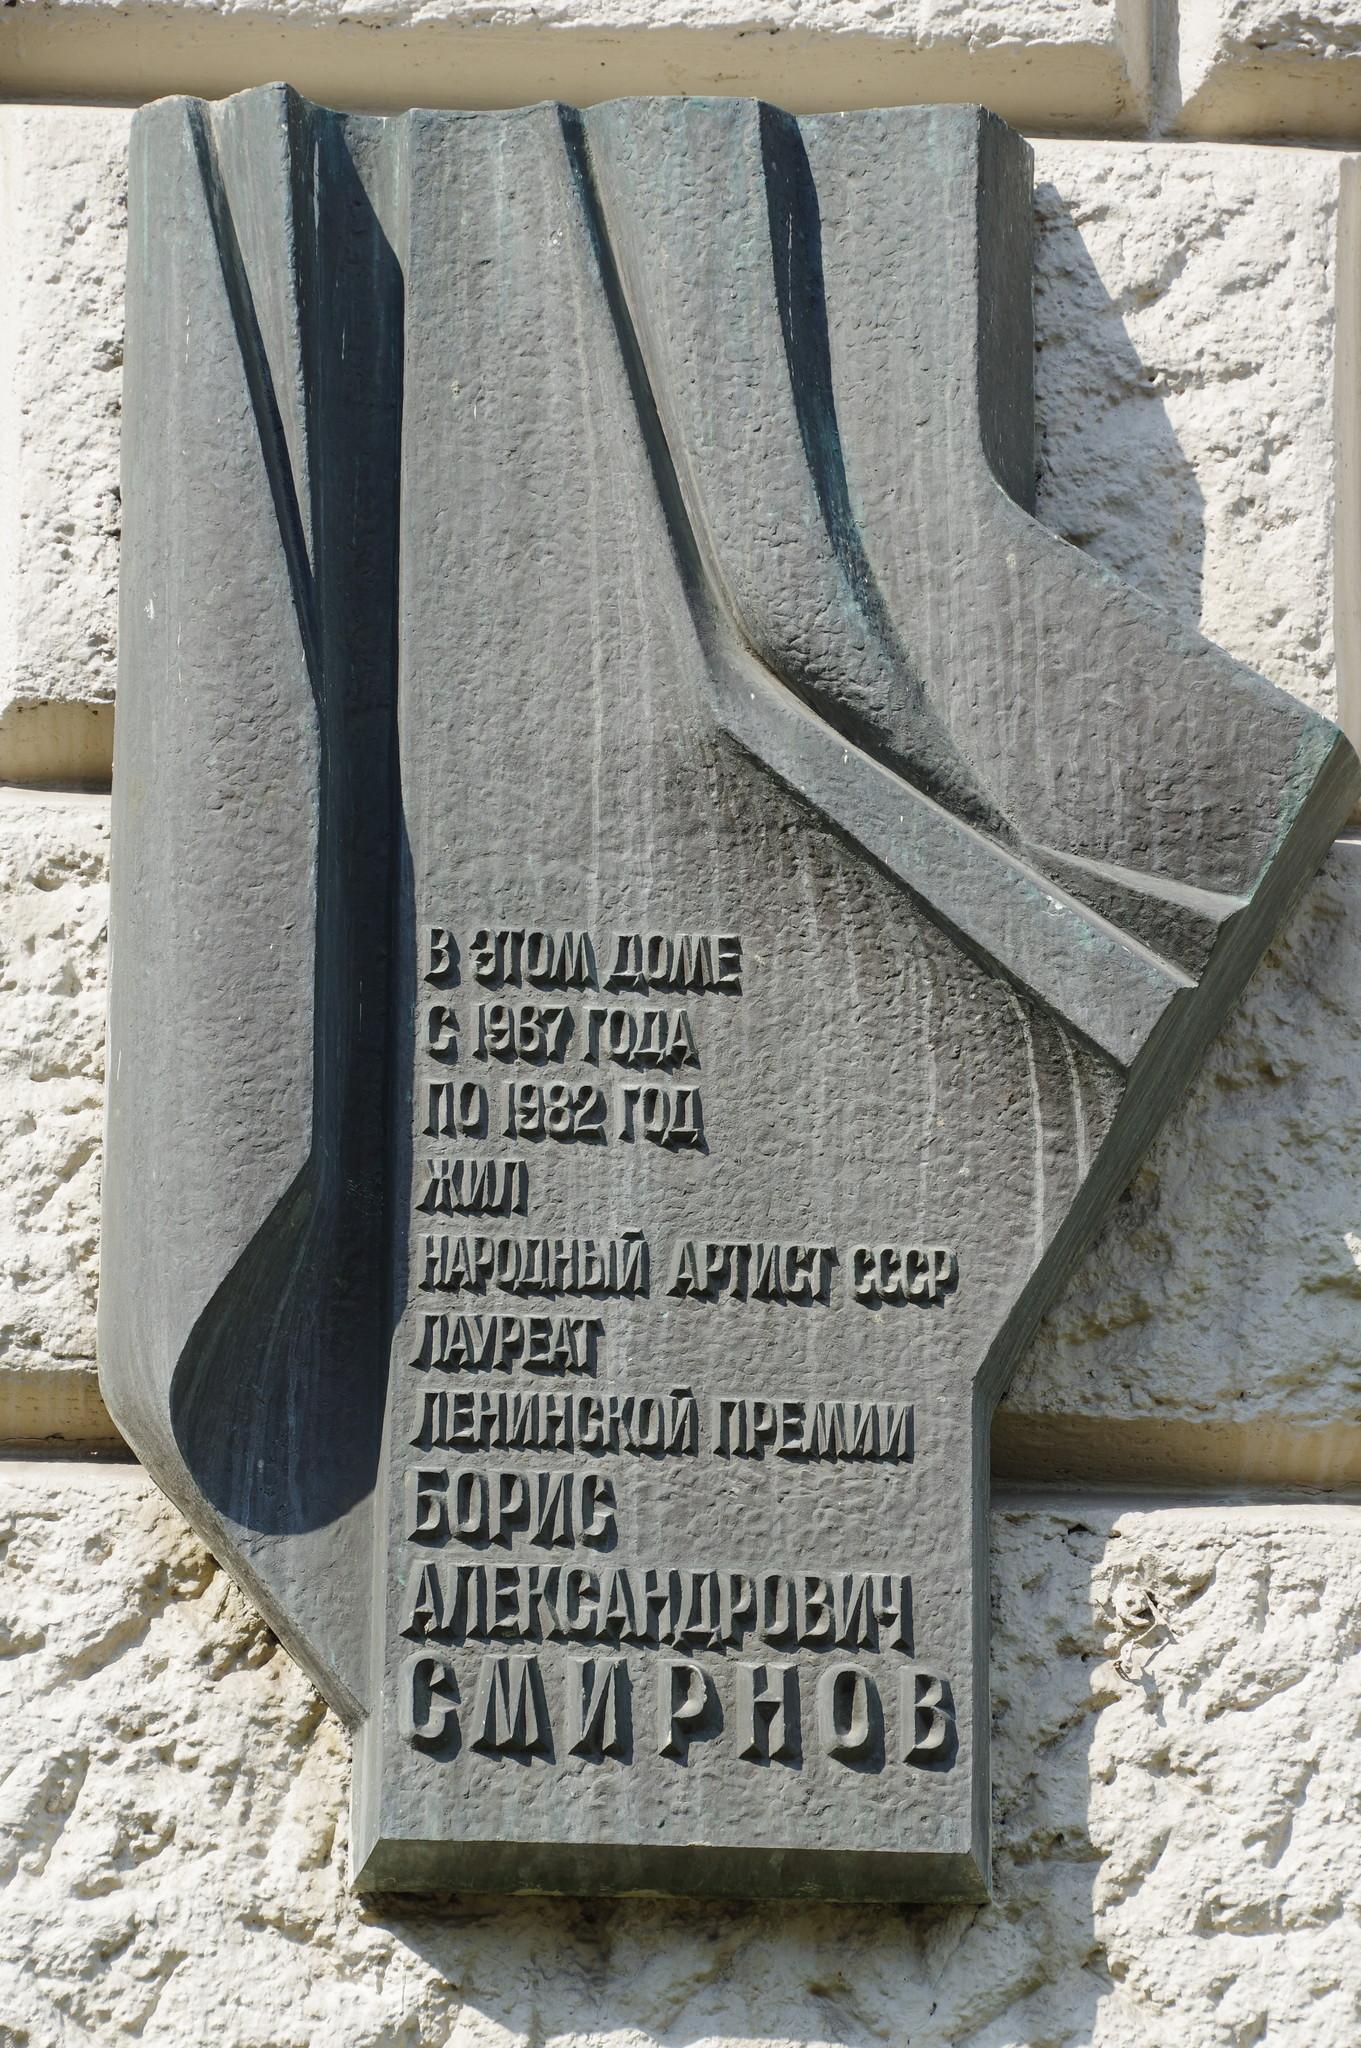 Мемориальная доска на фасаде дома (Глинищевский переулок, дом 5-7, строение 1), где с 1967 года по 1982 год жил Народный артист СССР, лауреат Ленинской премии Борис Александрович Смирнов